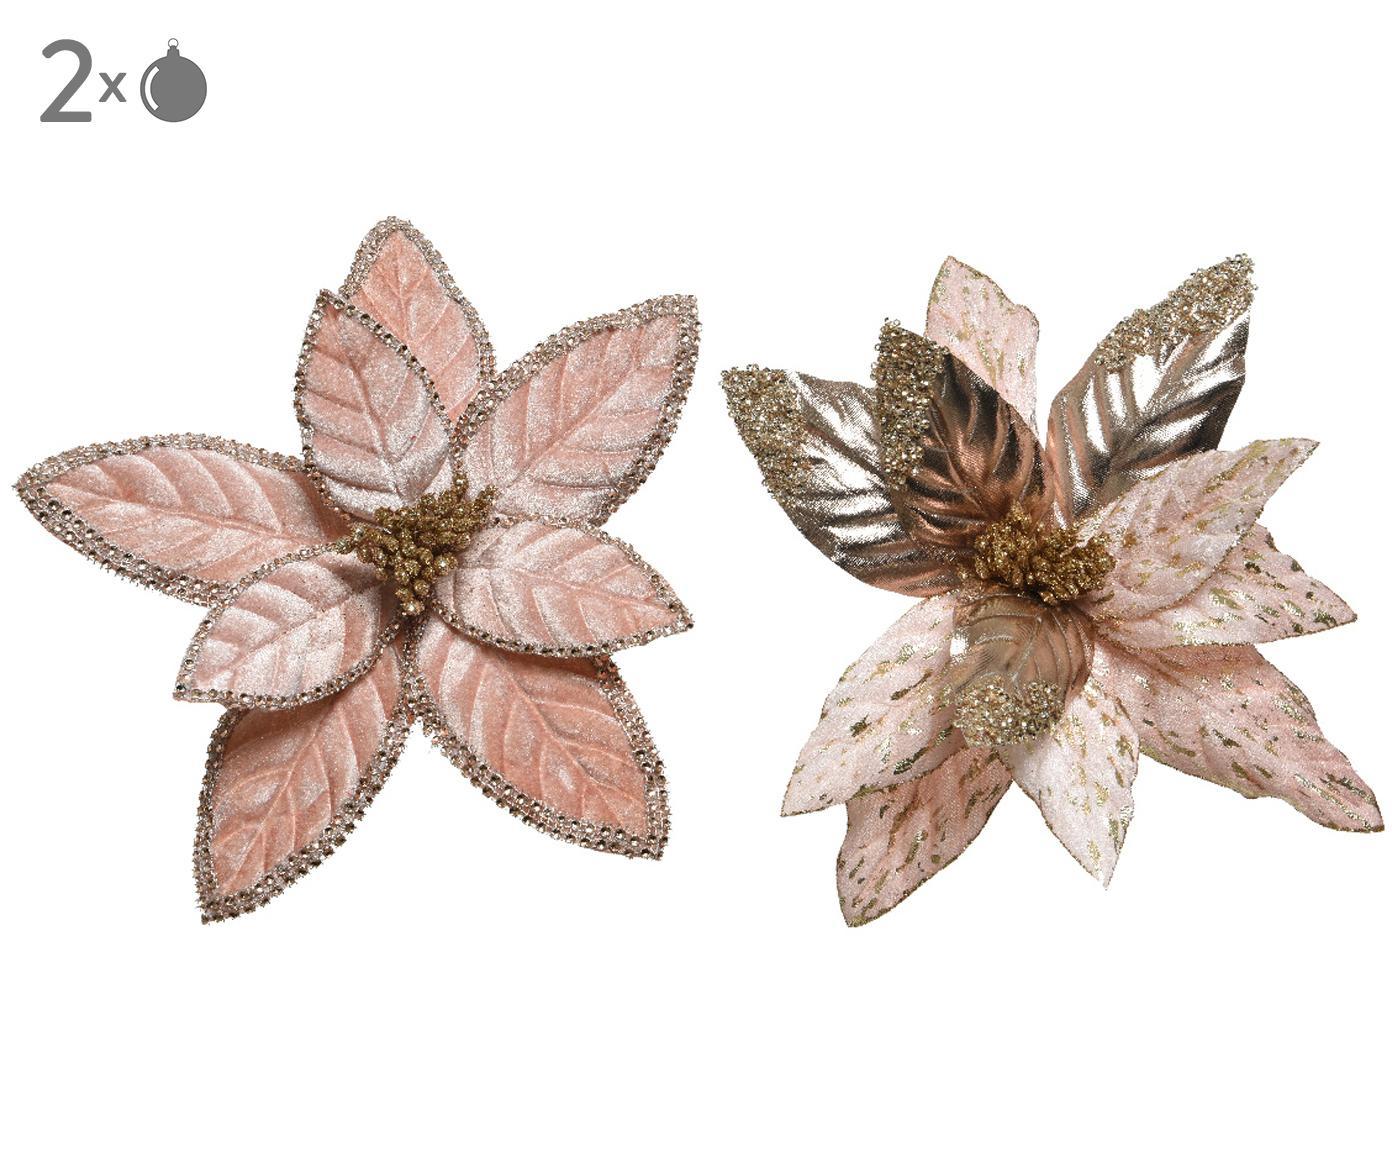 Komplet ozdób choinkowych z aksamitu Nanu, 2elem., Aksamit poliestrowy, połyskujący, Blady różowy, odcienie złotego, S 29 x W 29 cm